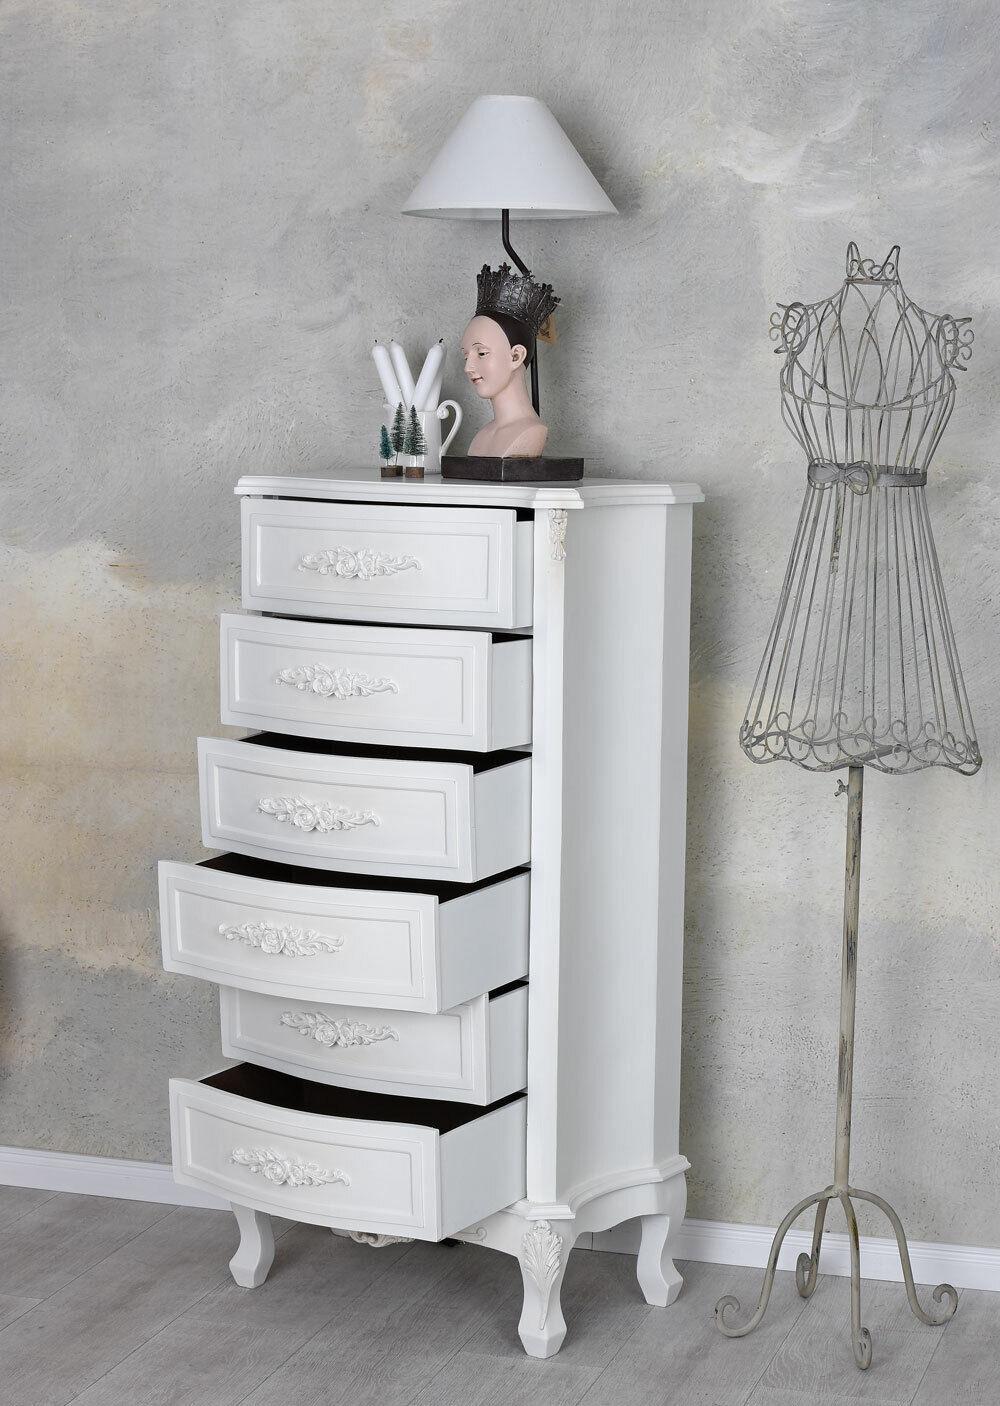 Commode style maison de campagne le placard du couloir tiroirs linge commode vintage hochkommode